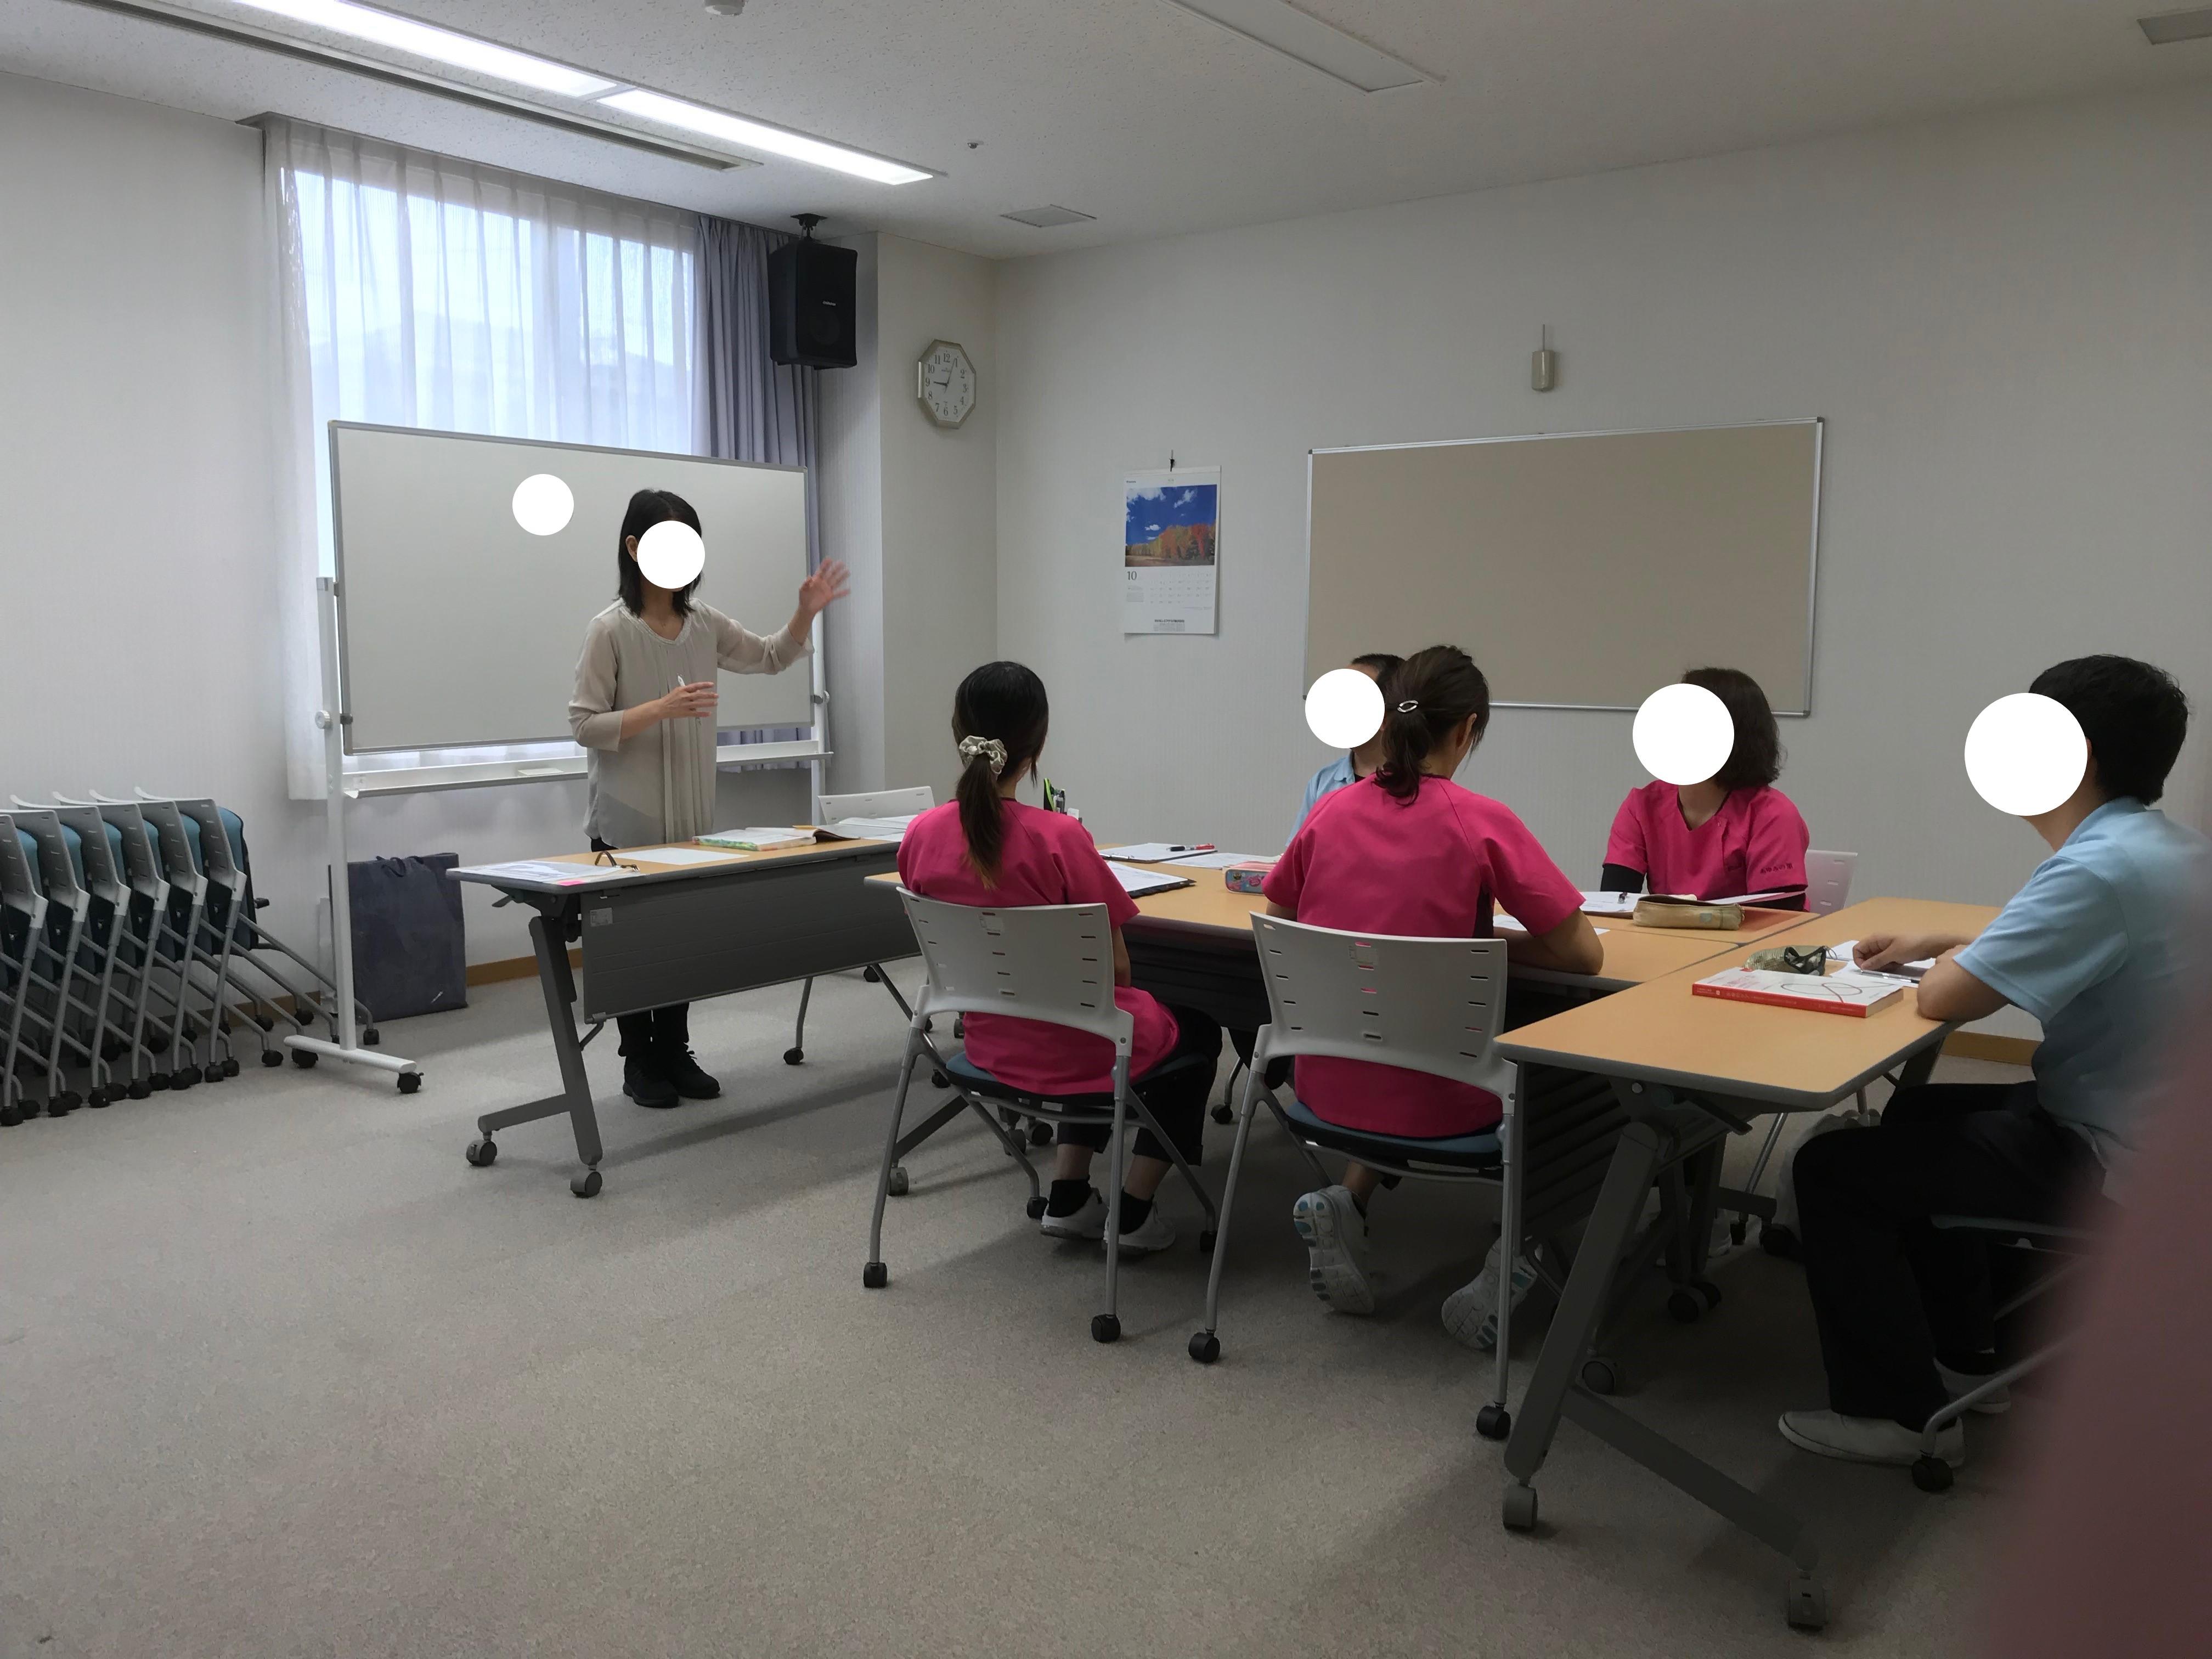 福岡県遠賀郡 特別養護老人ホーム様